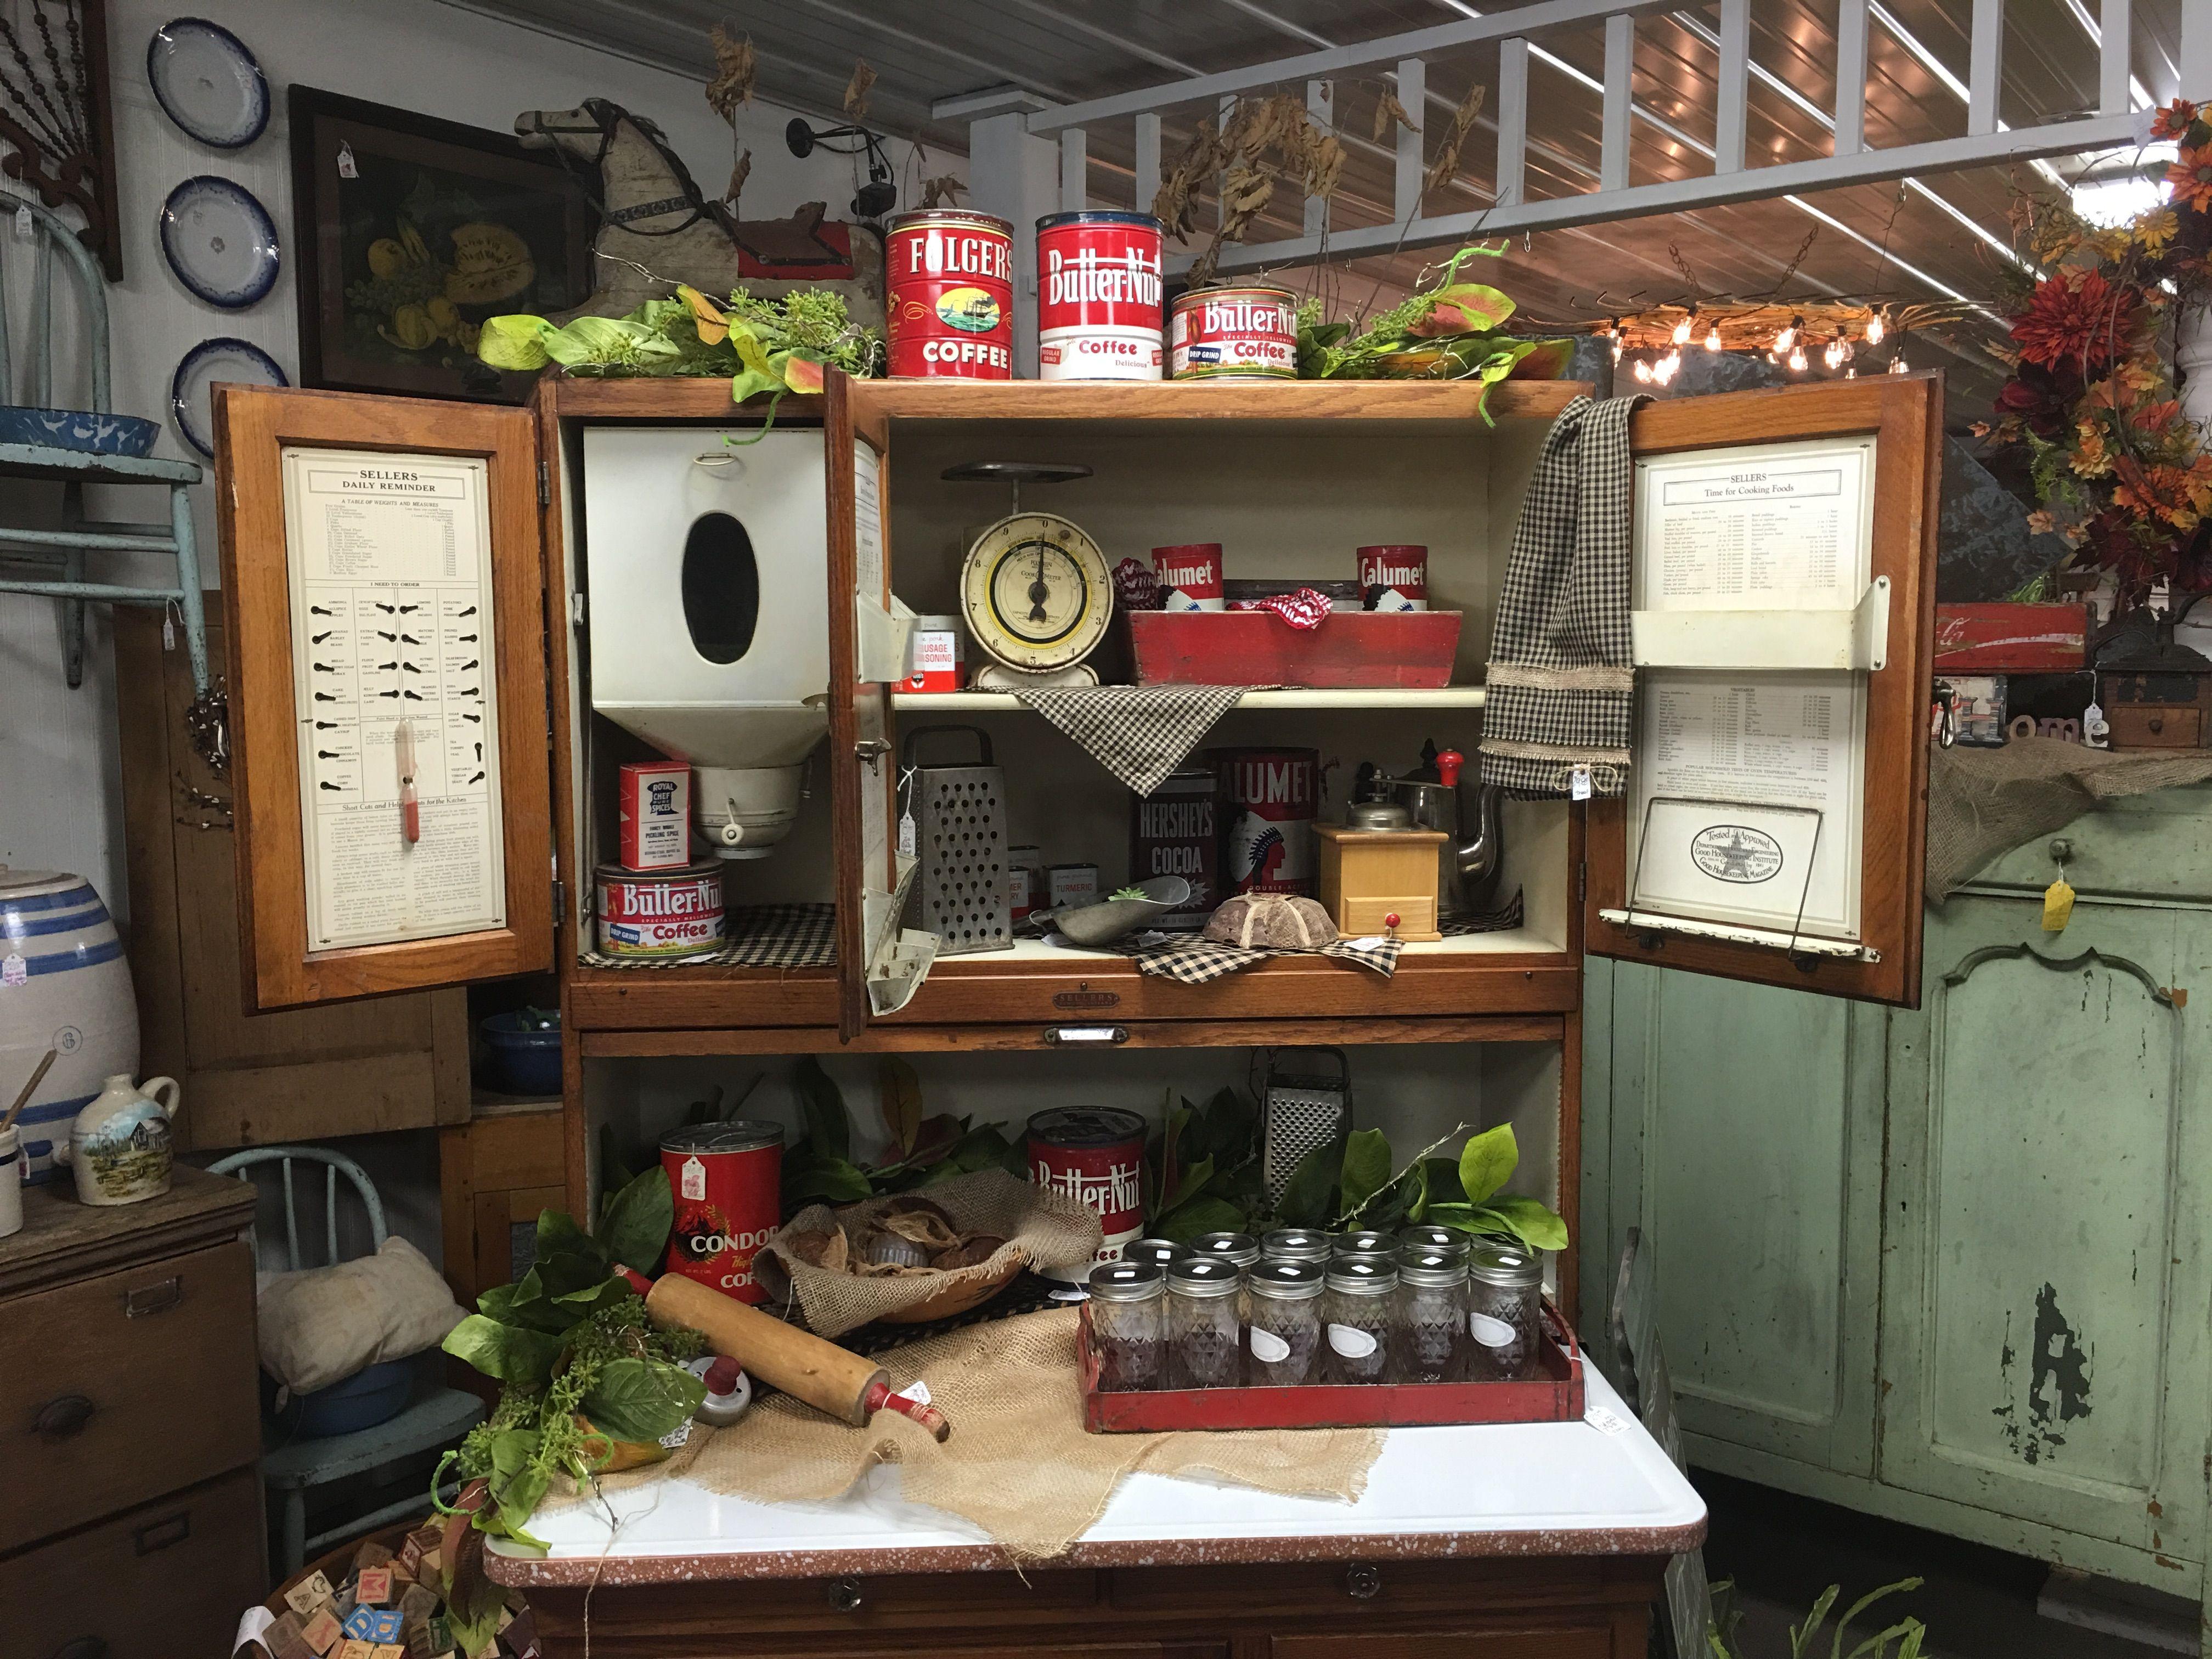 Fun Antique kitchen cabinet display!